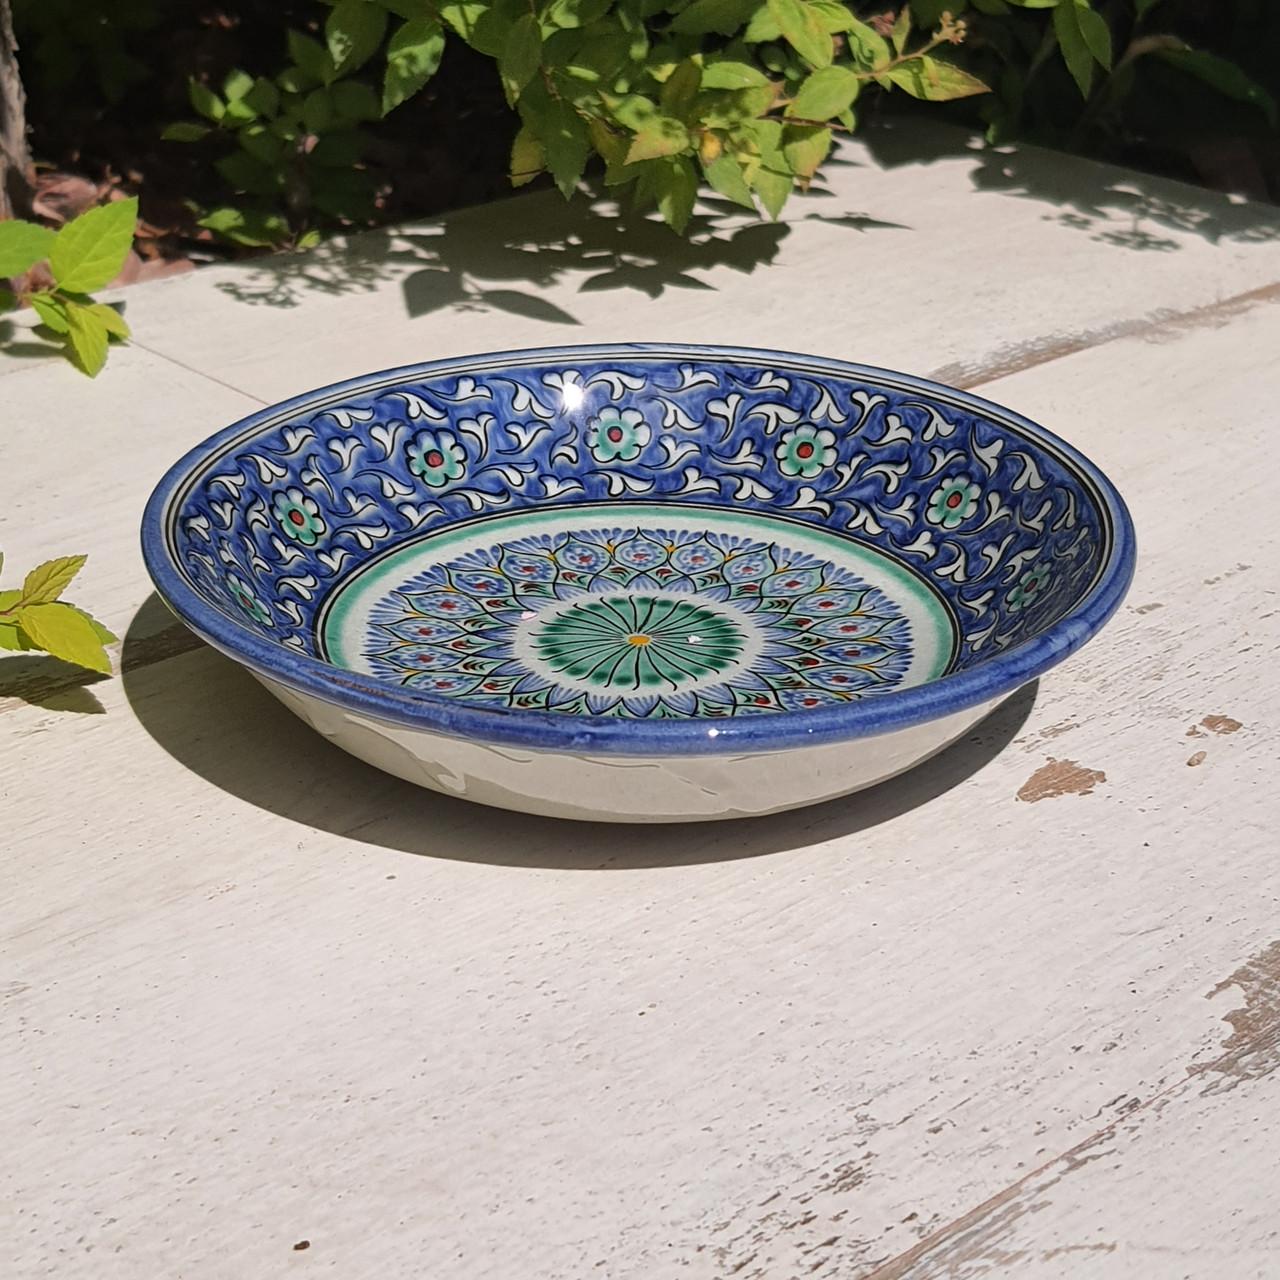 Тарелка с углублением d 15.5 см. Ручная роспись. Узбекистан (4)